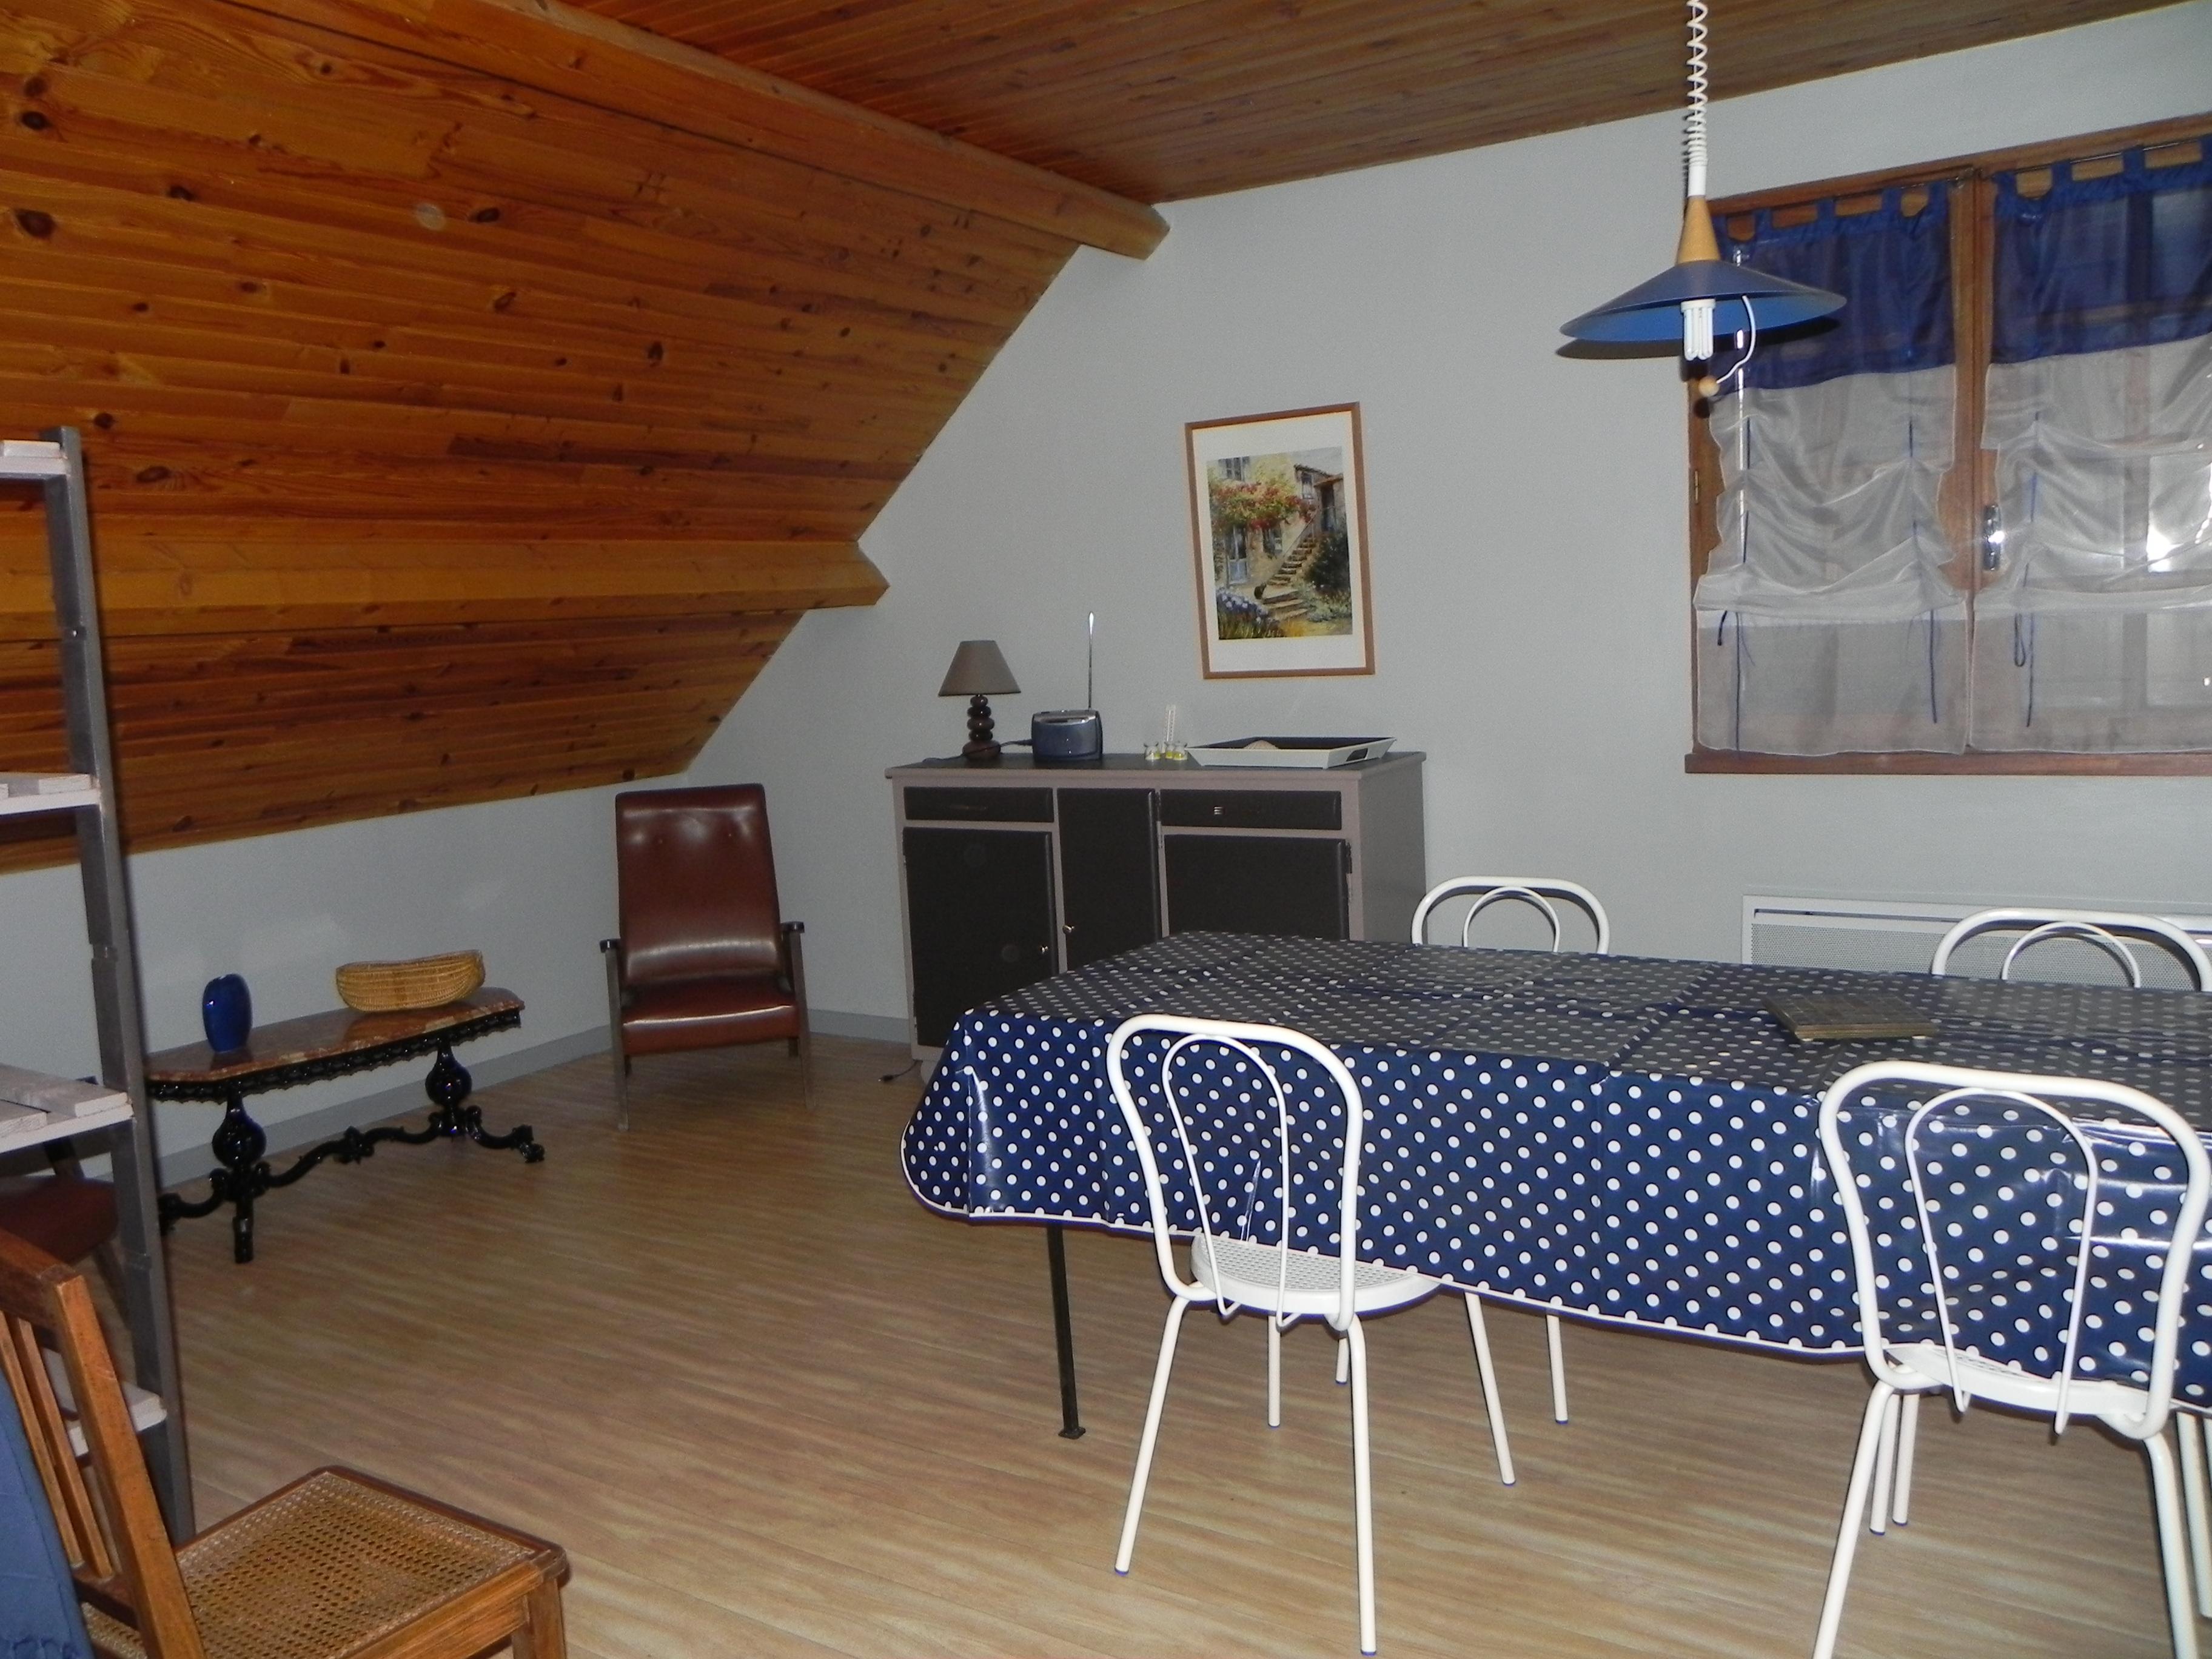 Meubl s de tourisme pour 6 8 personnes office de tourisme de l 39 aubrac loz rien bureau d - Office de tourisme aubrac ...